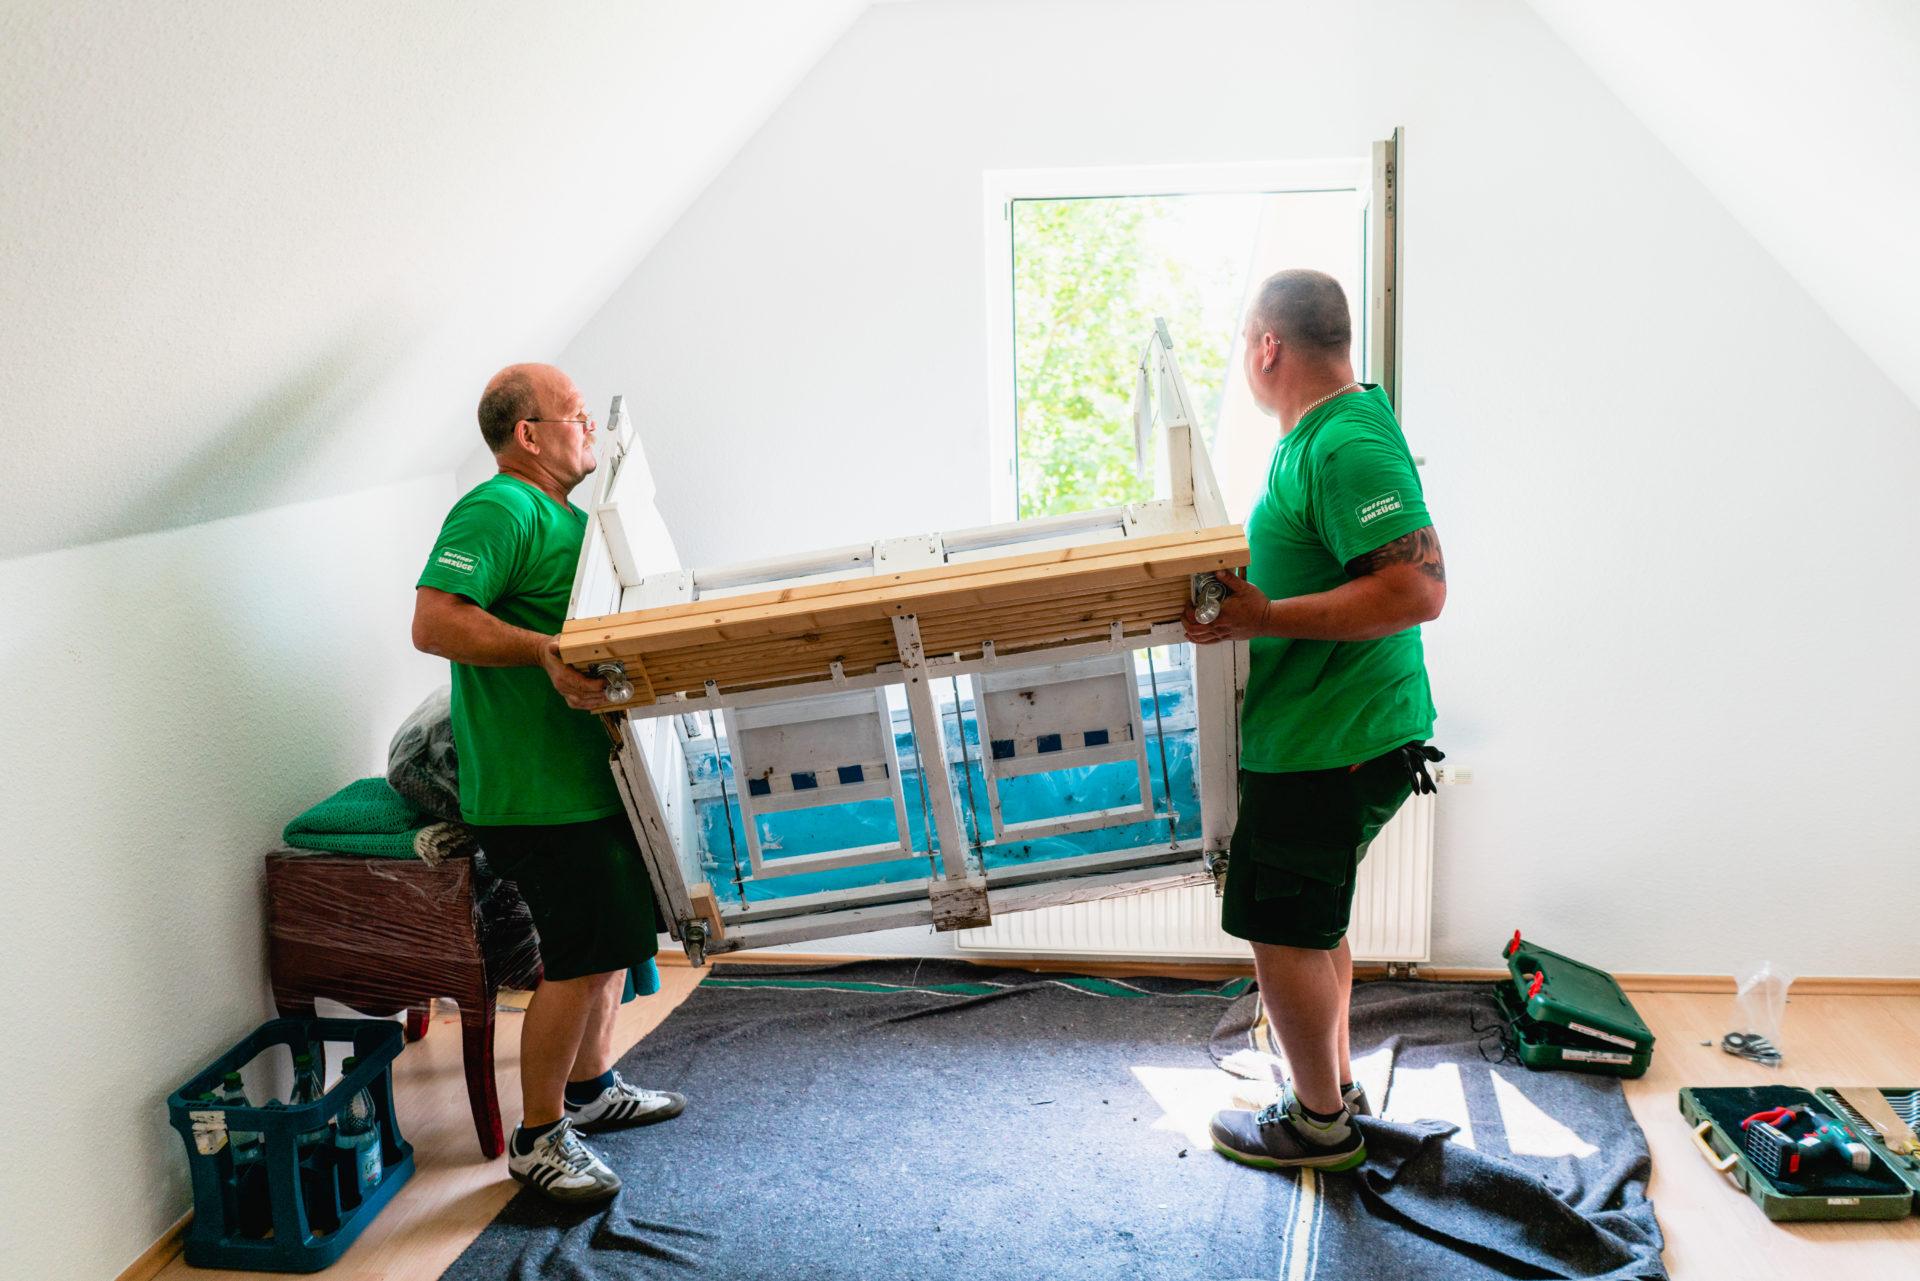 Möbel tragen Seffner Umzüge